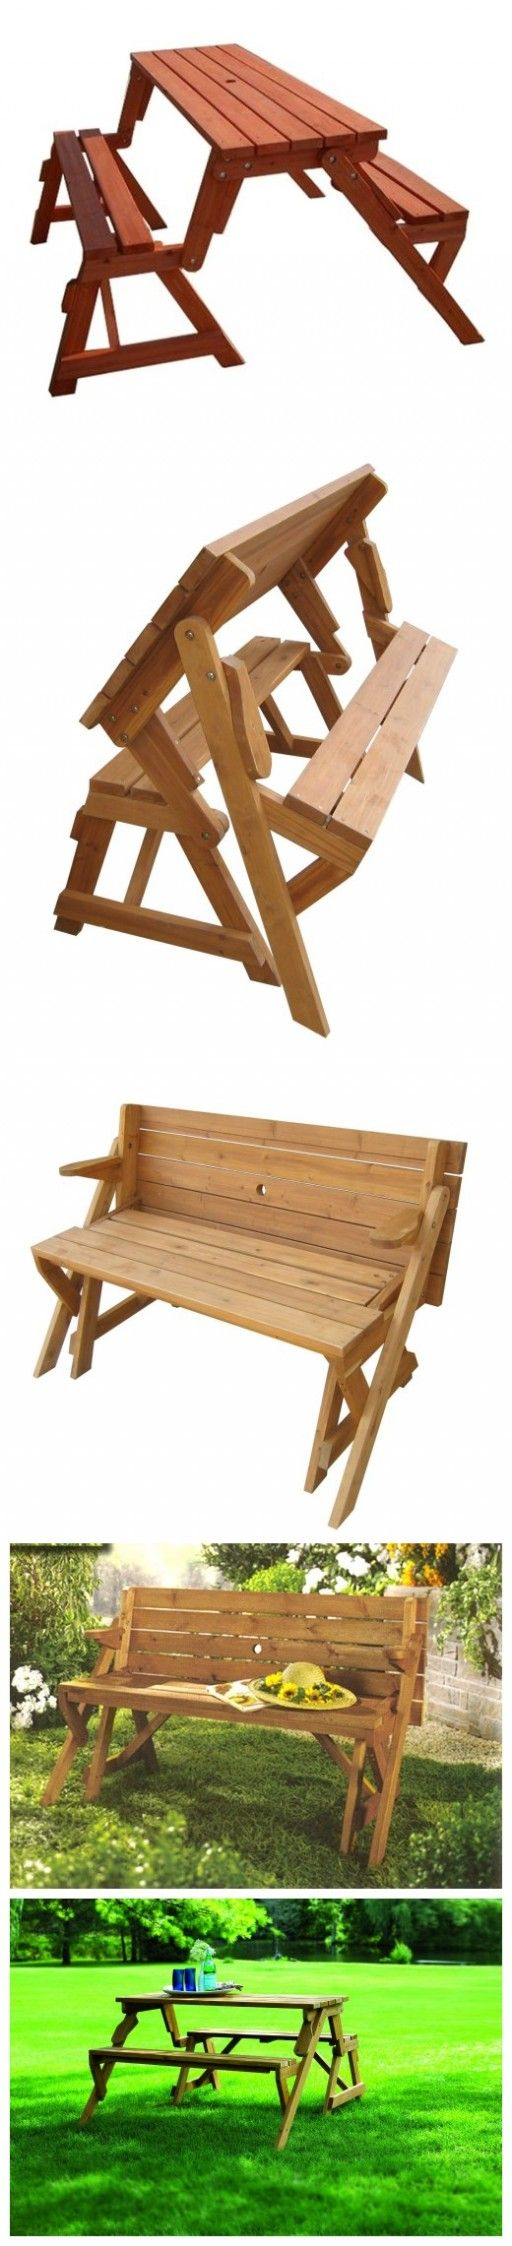 деревянная мебель для сада своими руками лавка